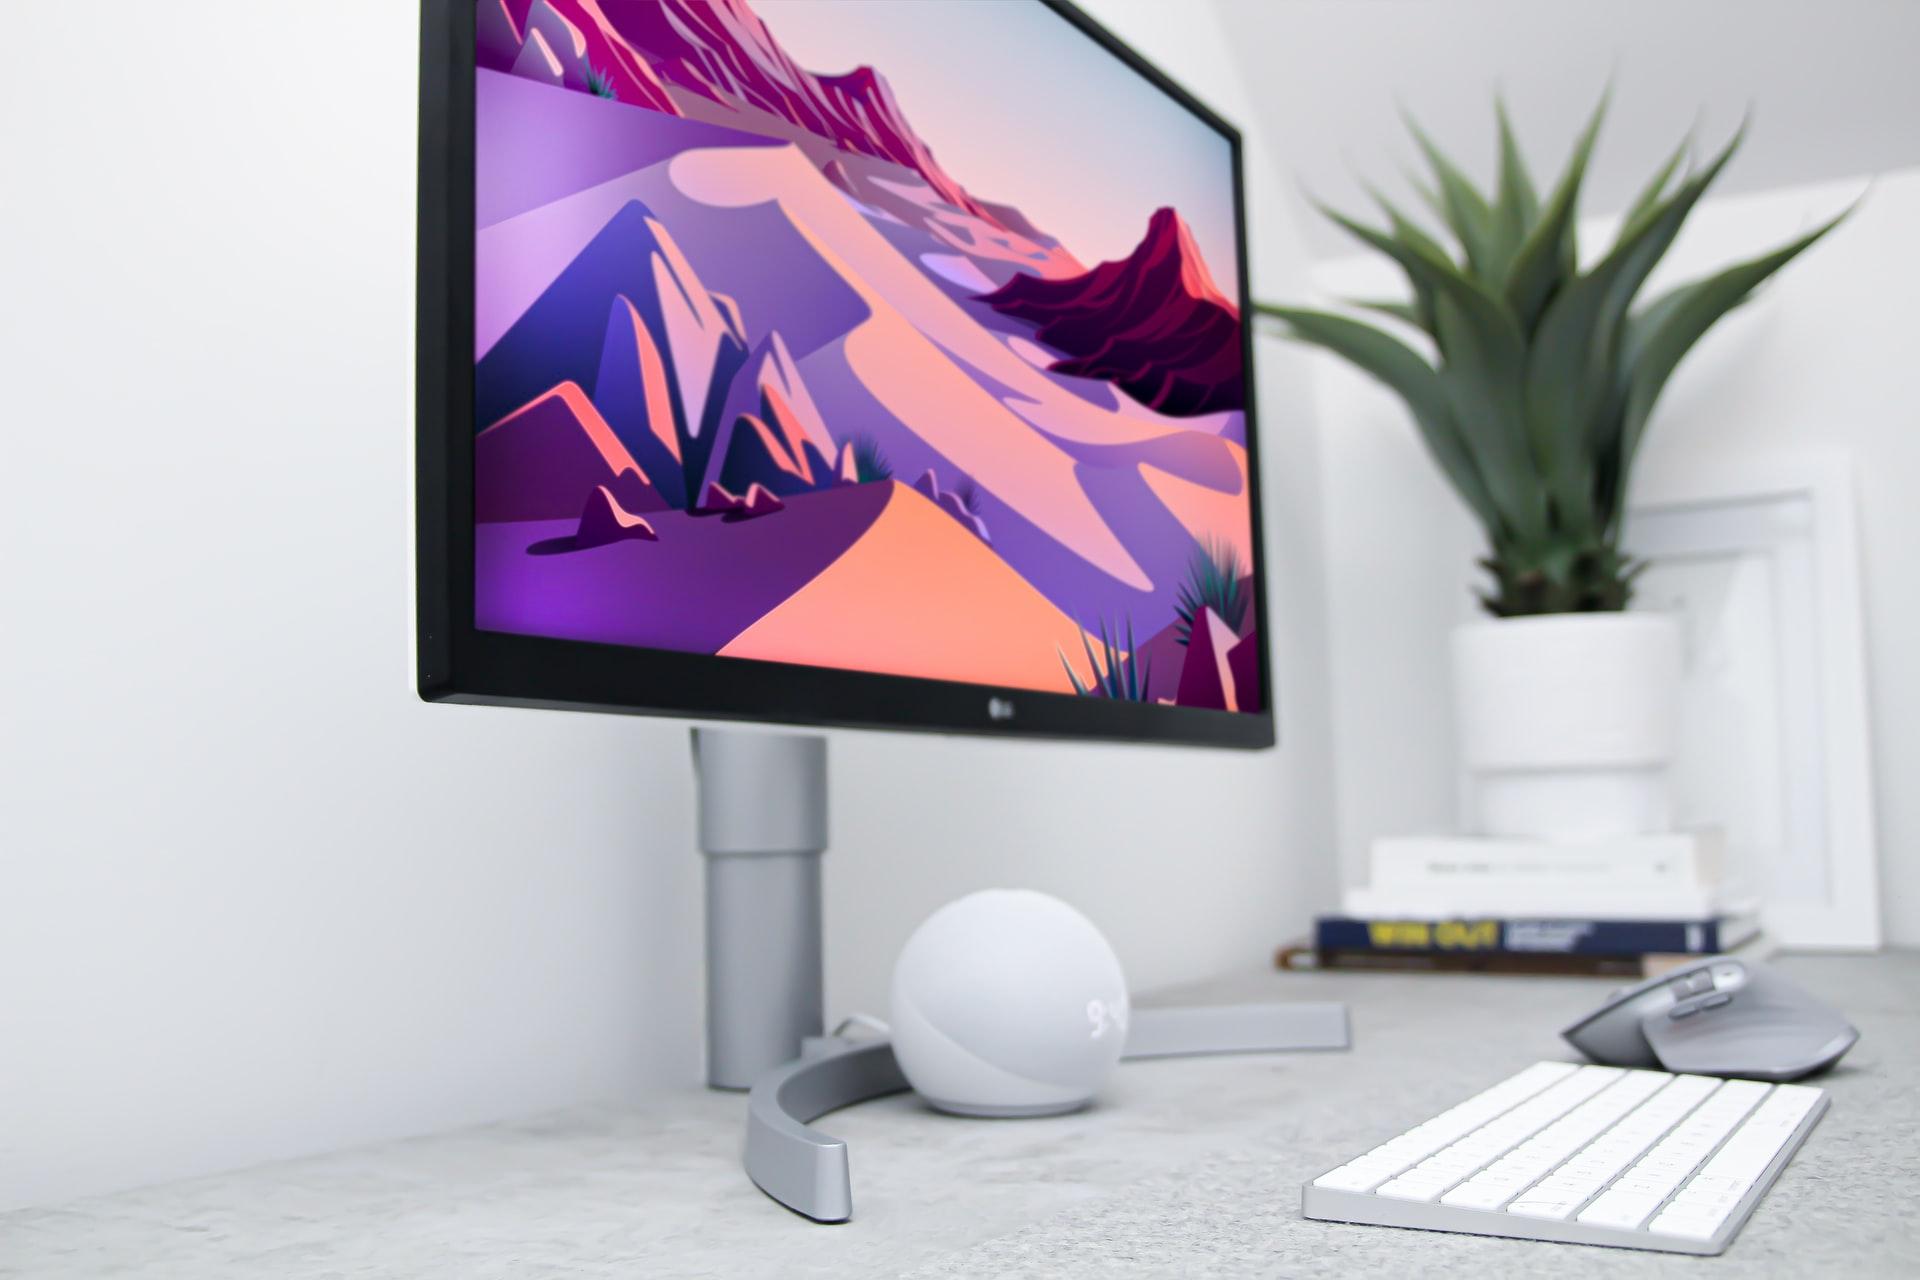 monitor de colores vivos